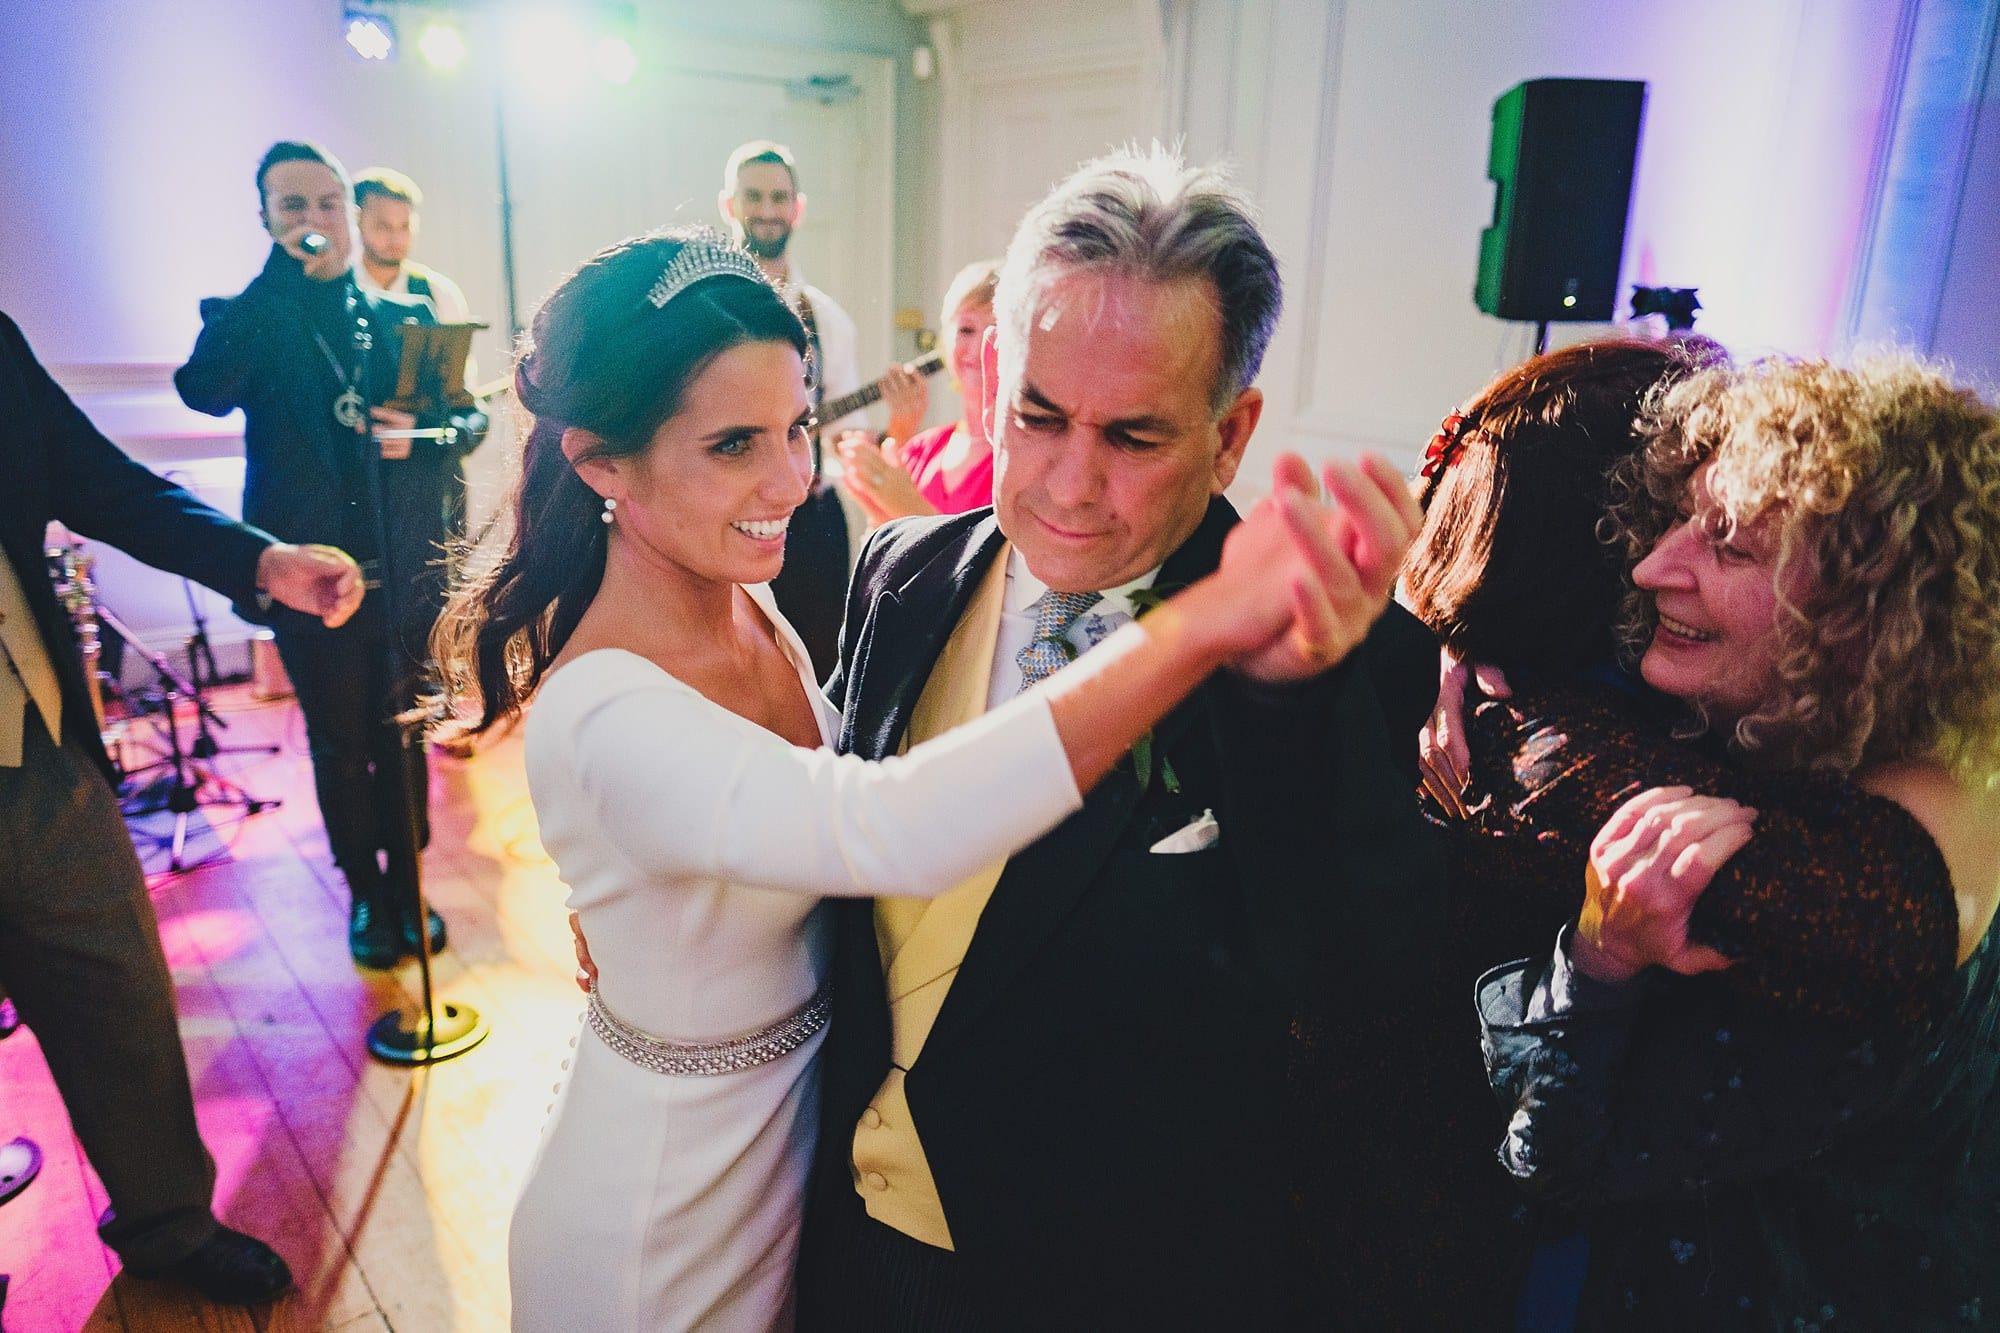 fulham palace wedding photographer ok 112 - Olivia + Kyle